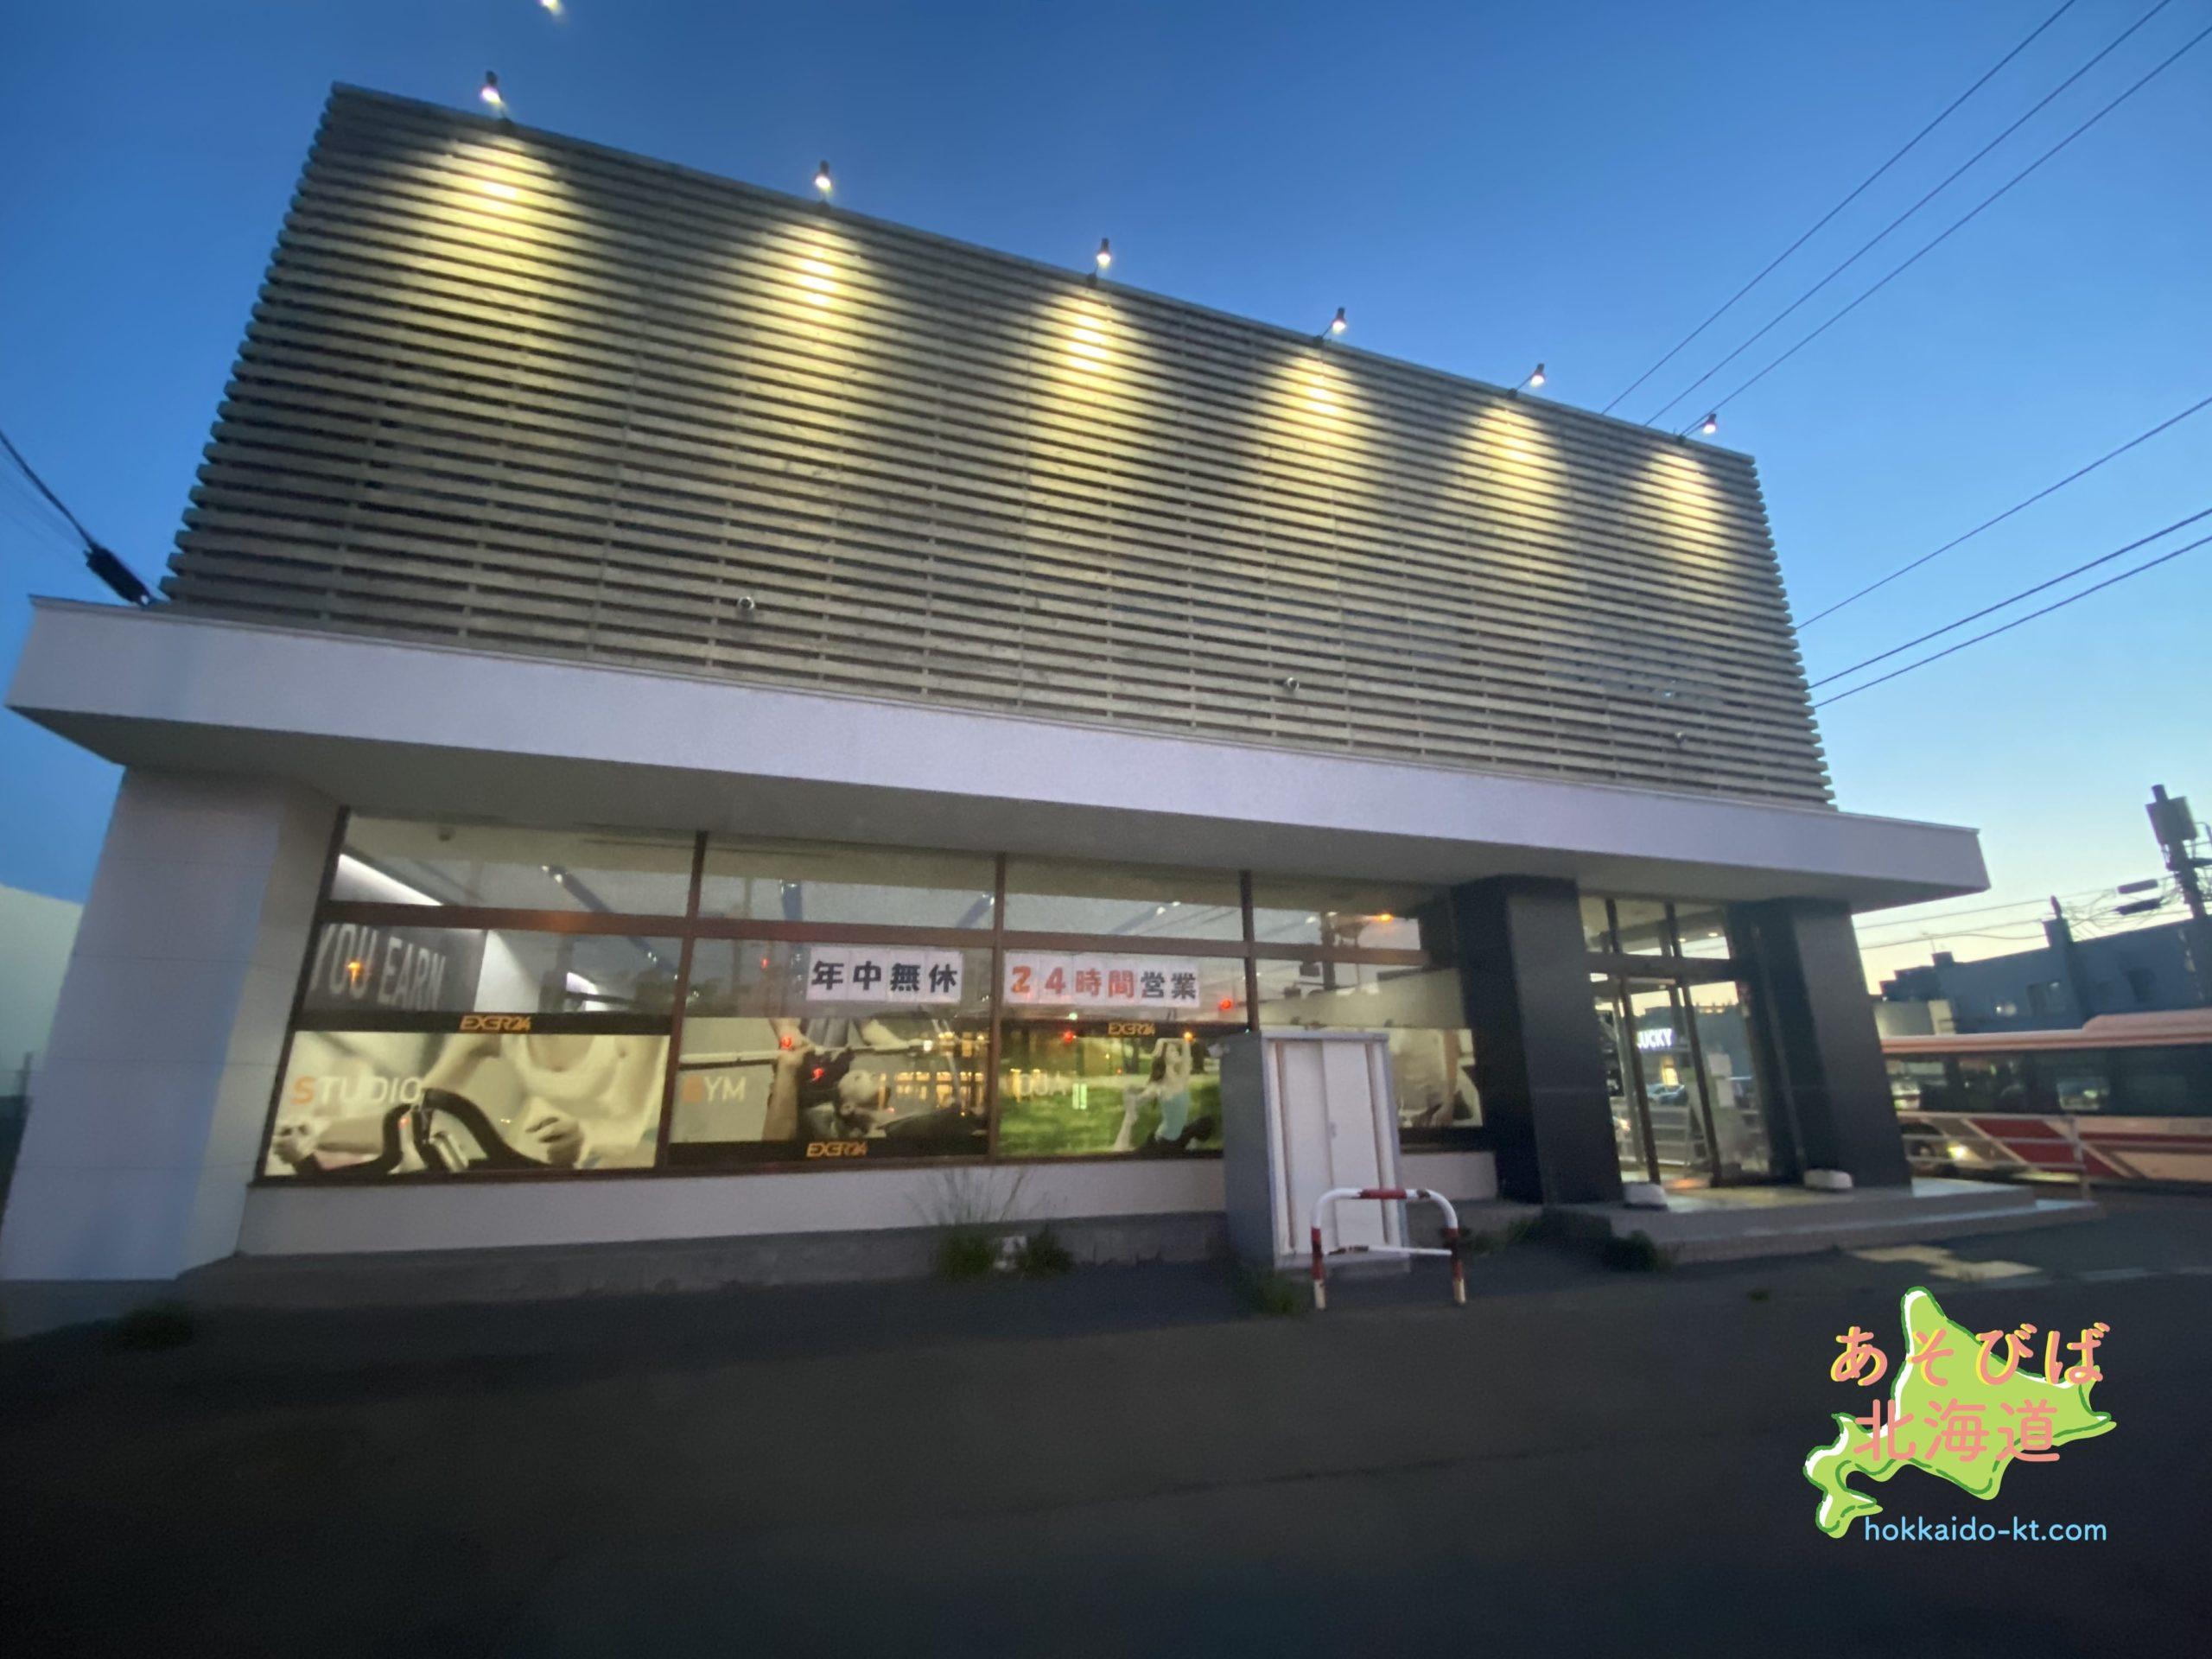 エクサースポーツクラブ清田店